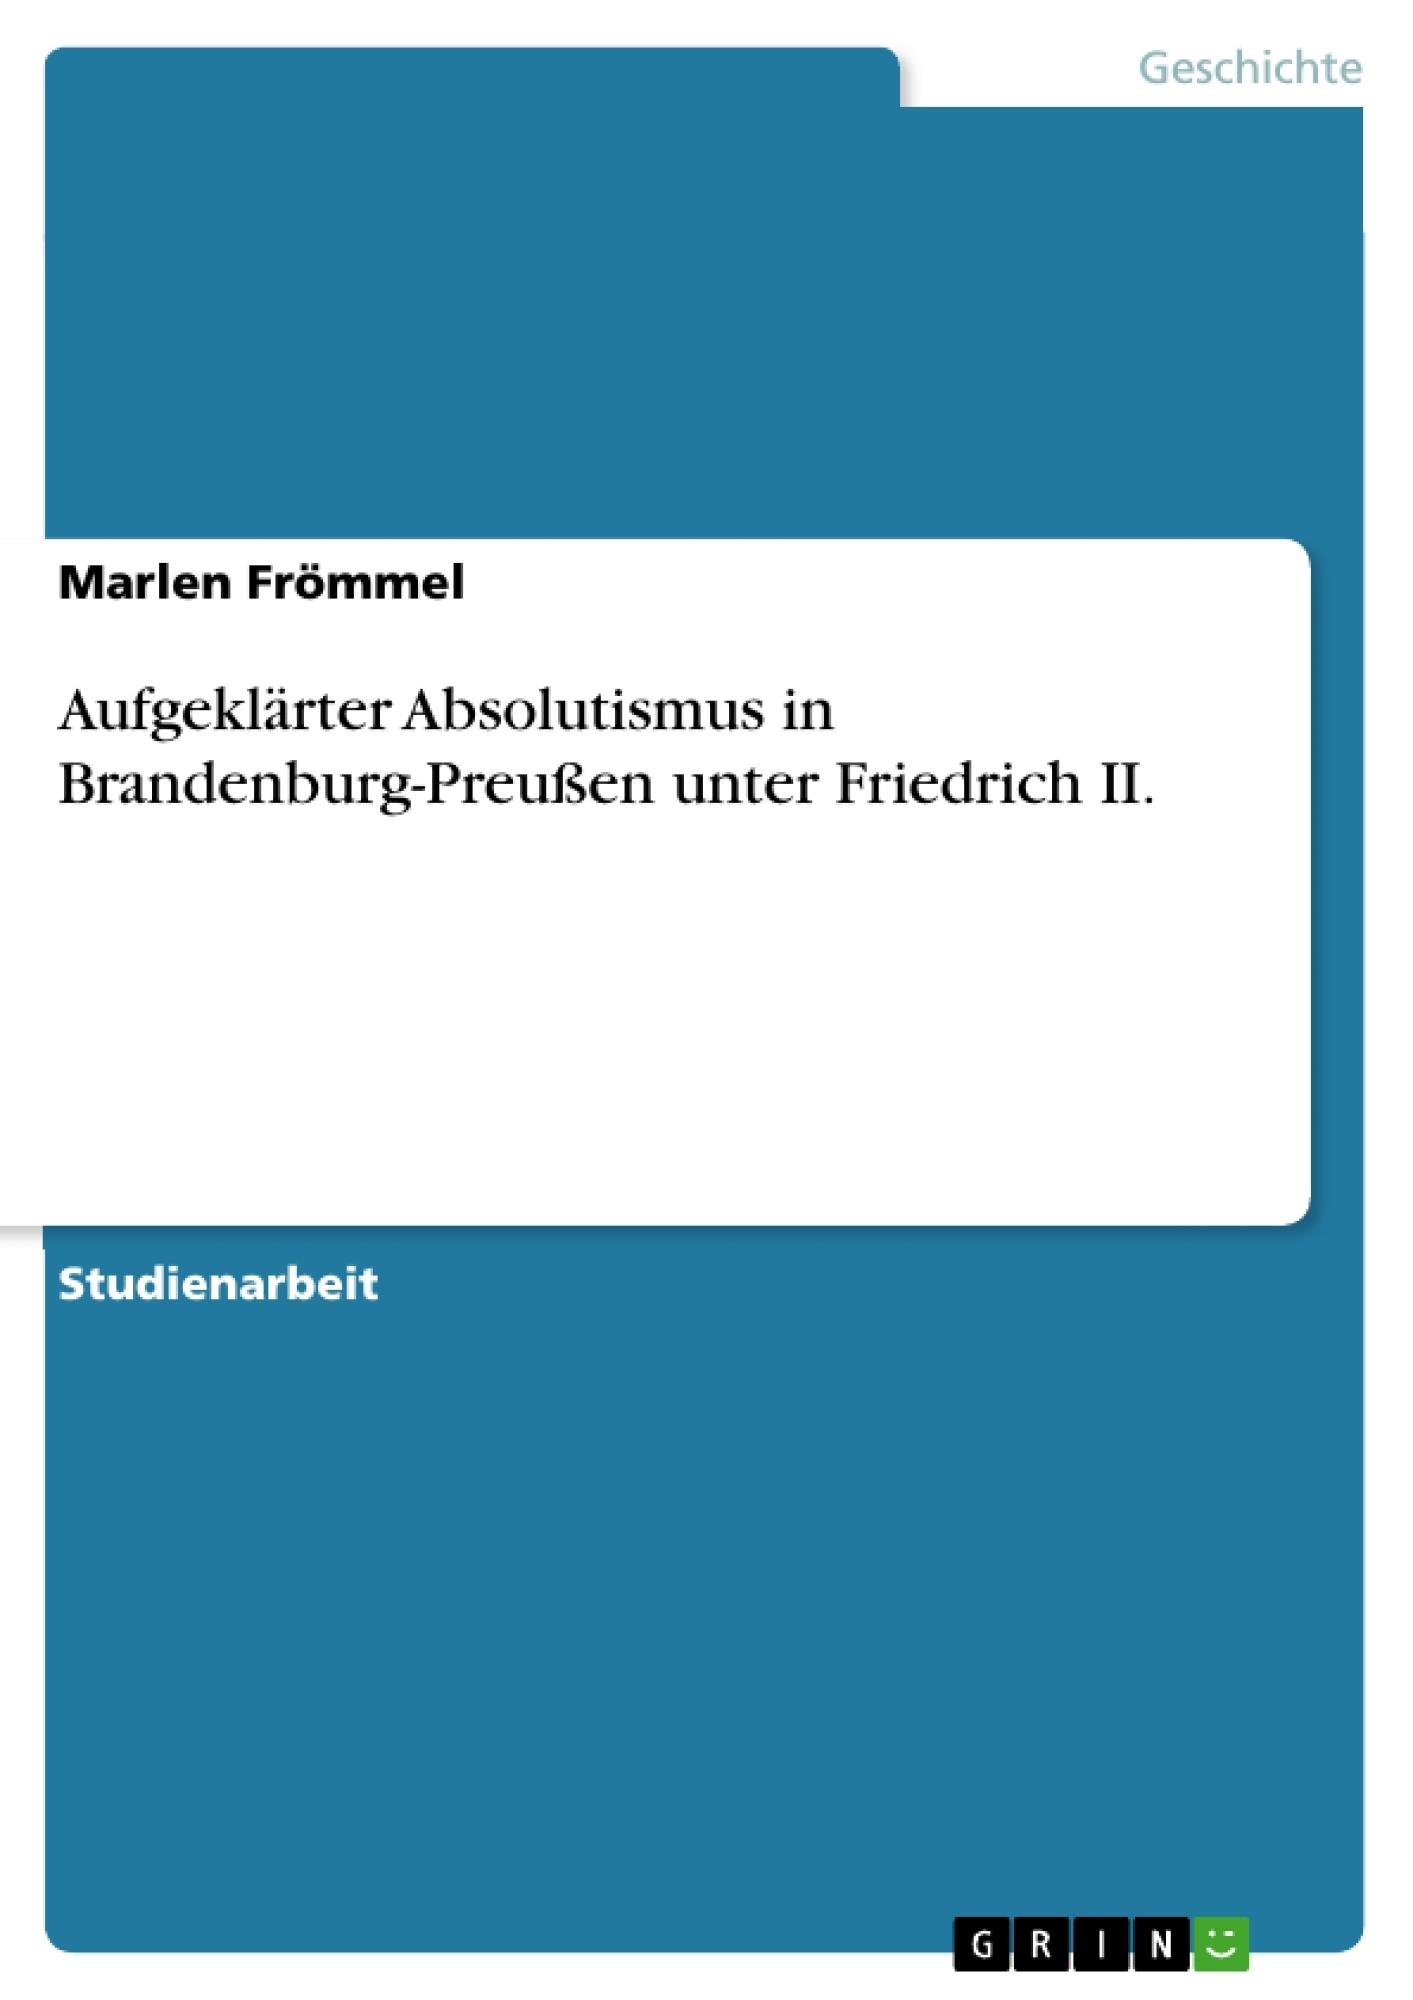 Titel: Aufgeklärter Absolutismus in Brandenburg-Preußen unter Friedrich II.